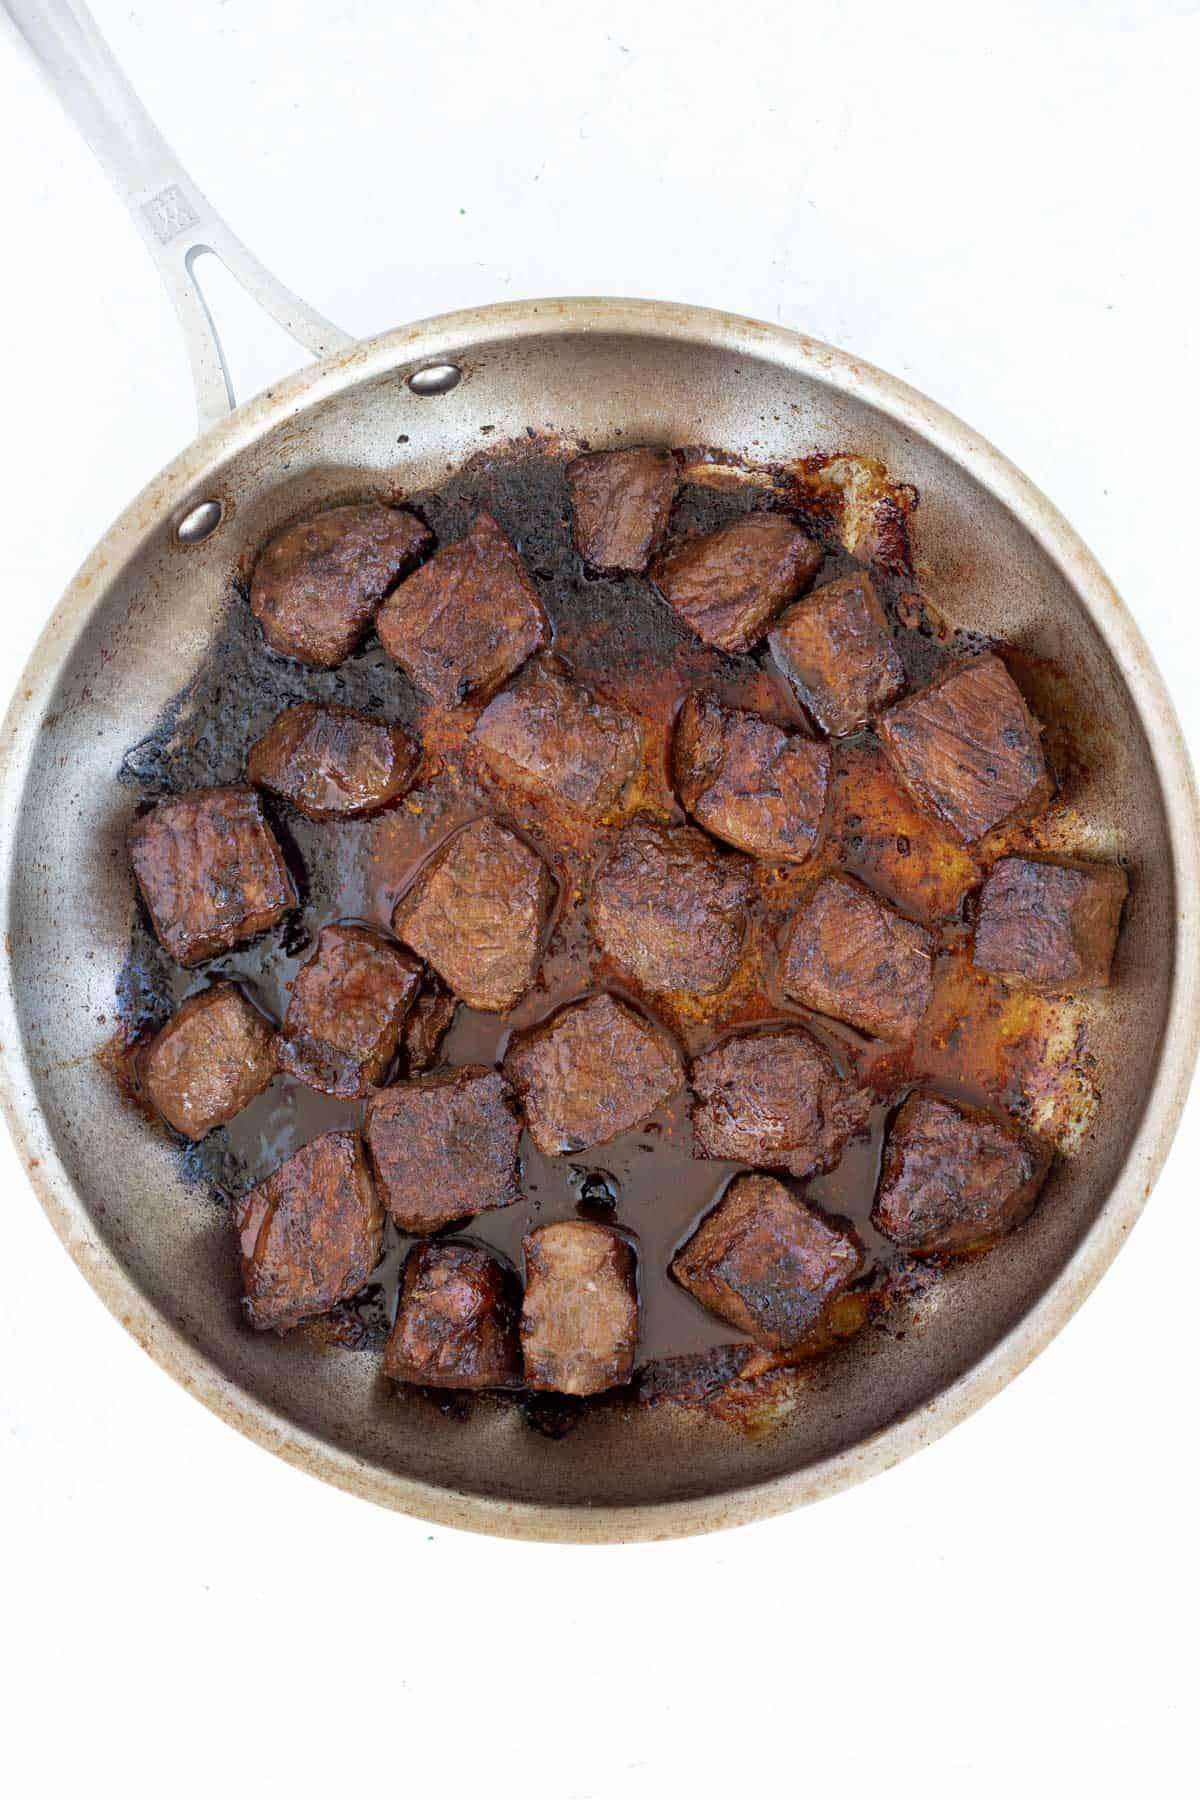 Steak bites cooked crispy in a skillet.